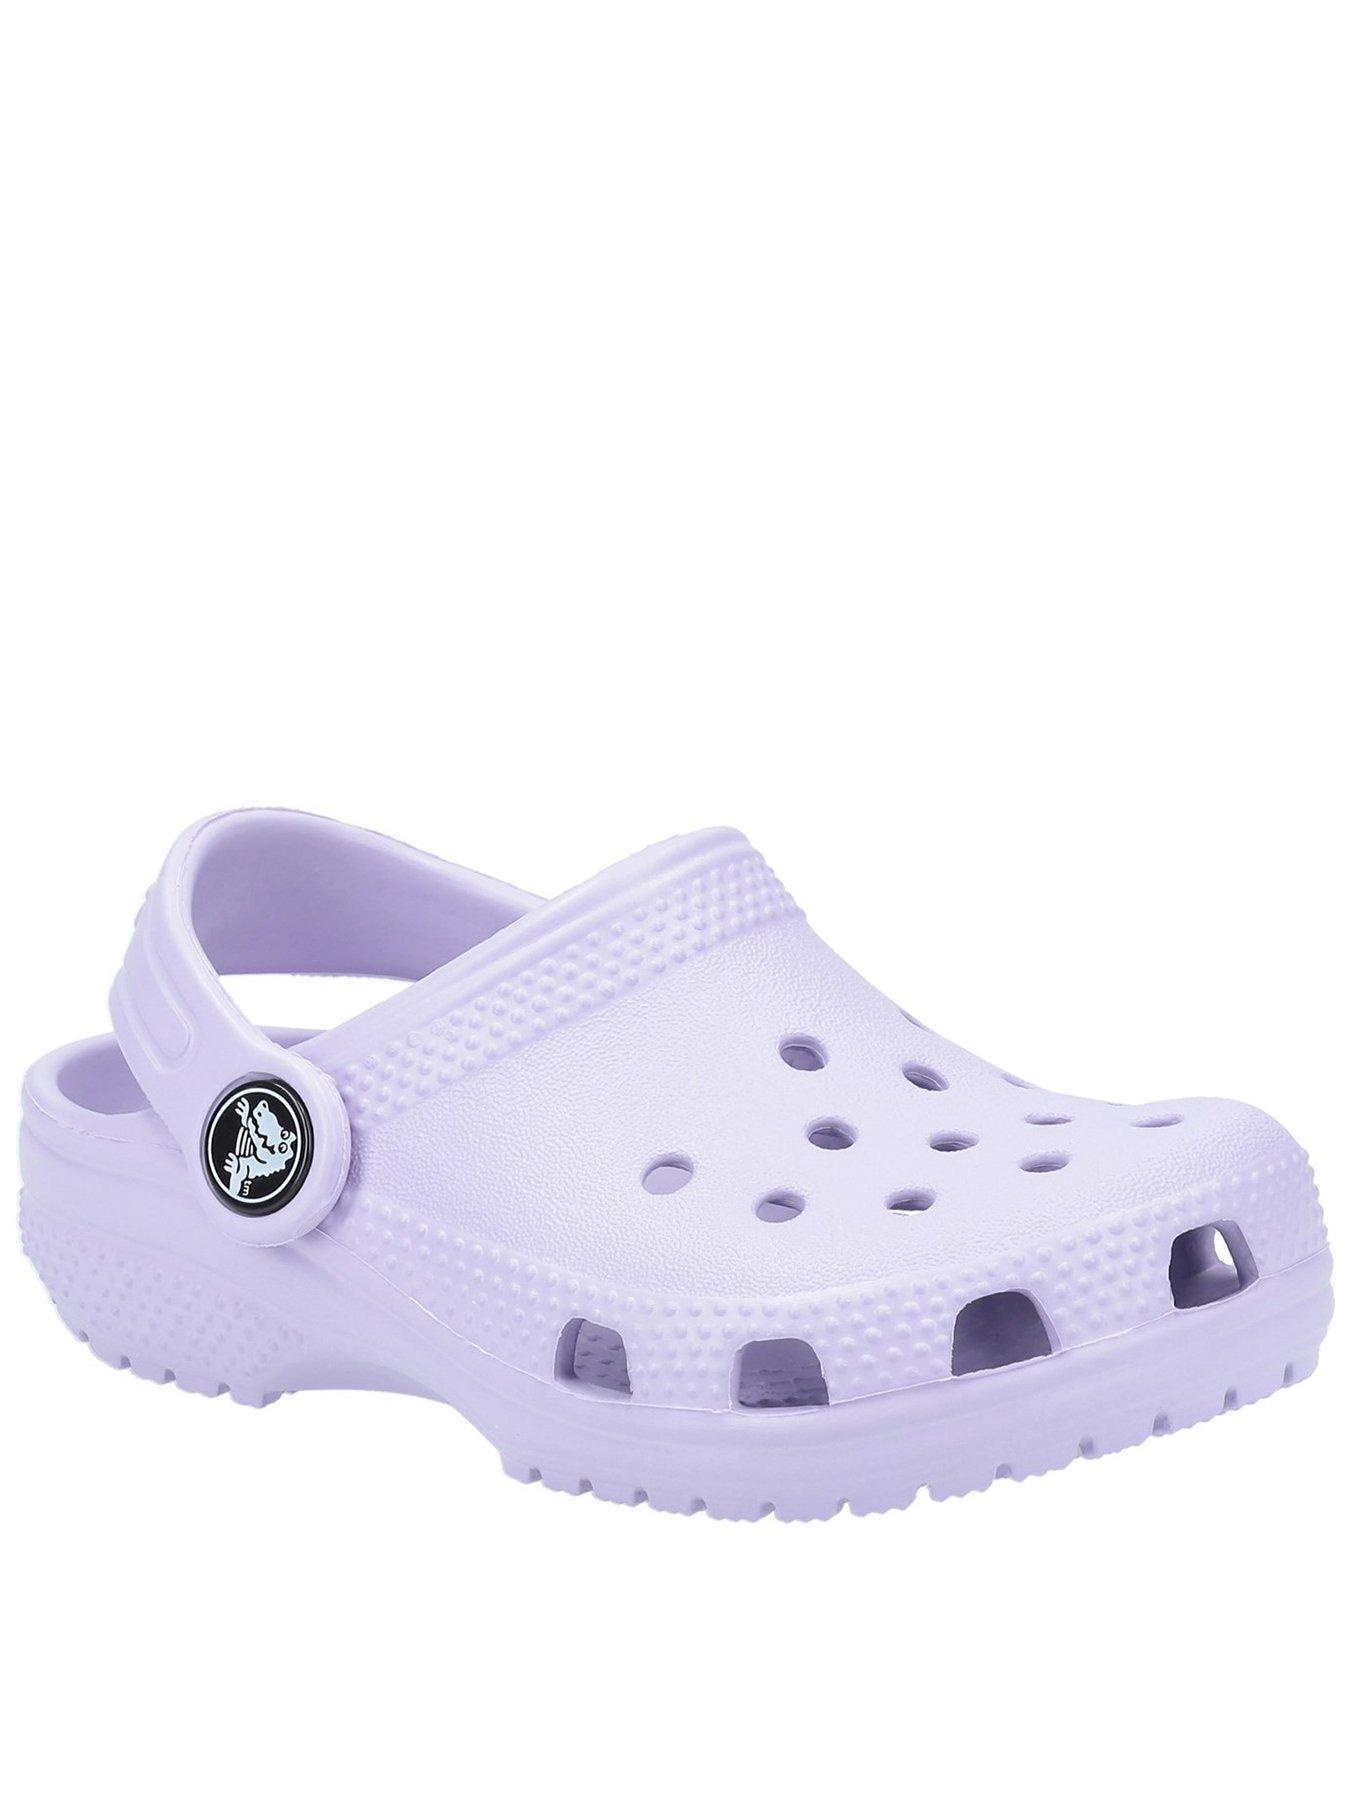 Crocs   Shop Online   Littlewoods Ireland